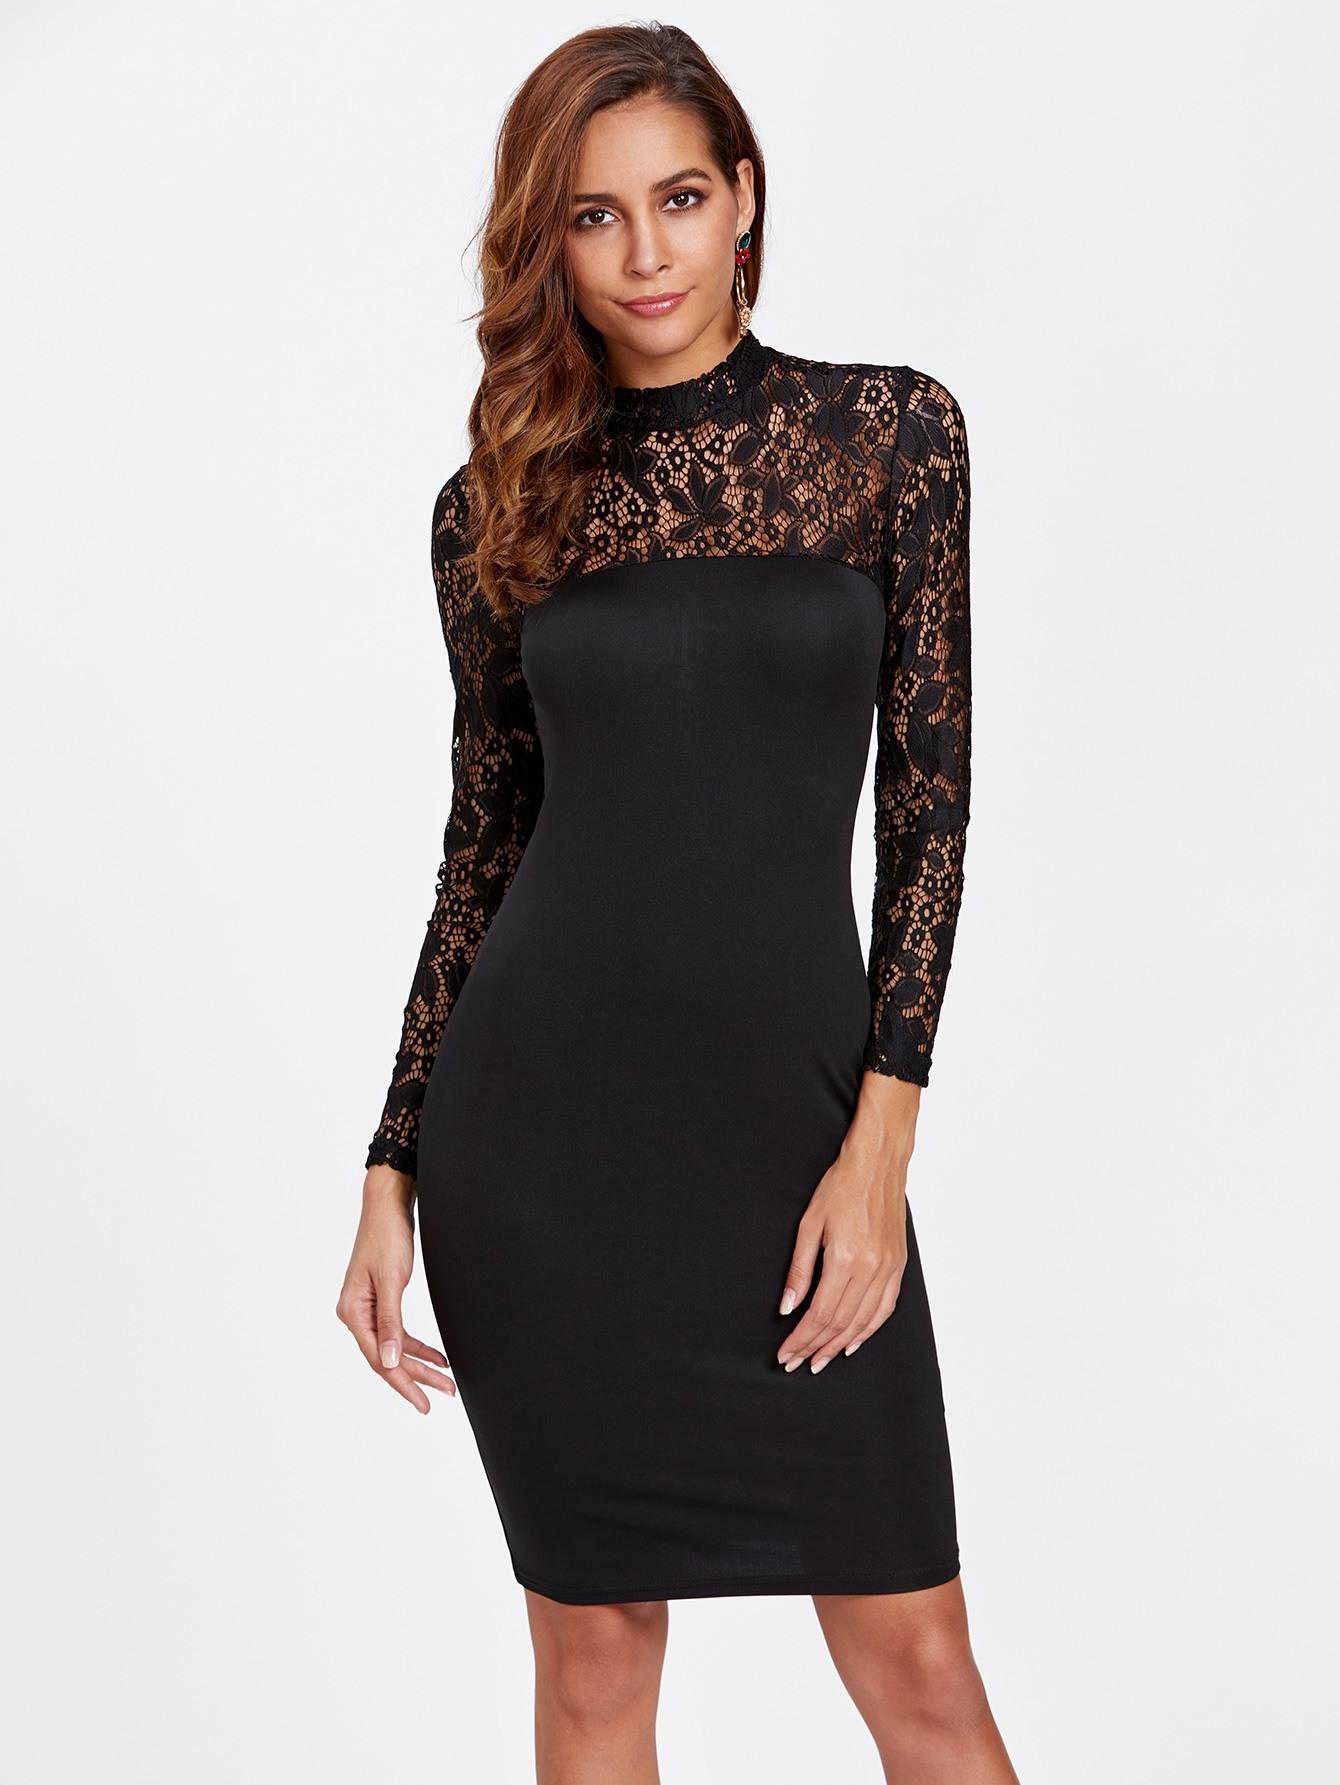 10 Luxurius Kleid Schwarz Knielang Mit Spitze Vertrieb